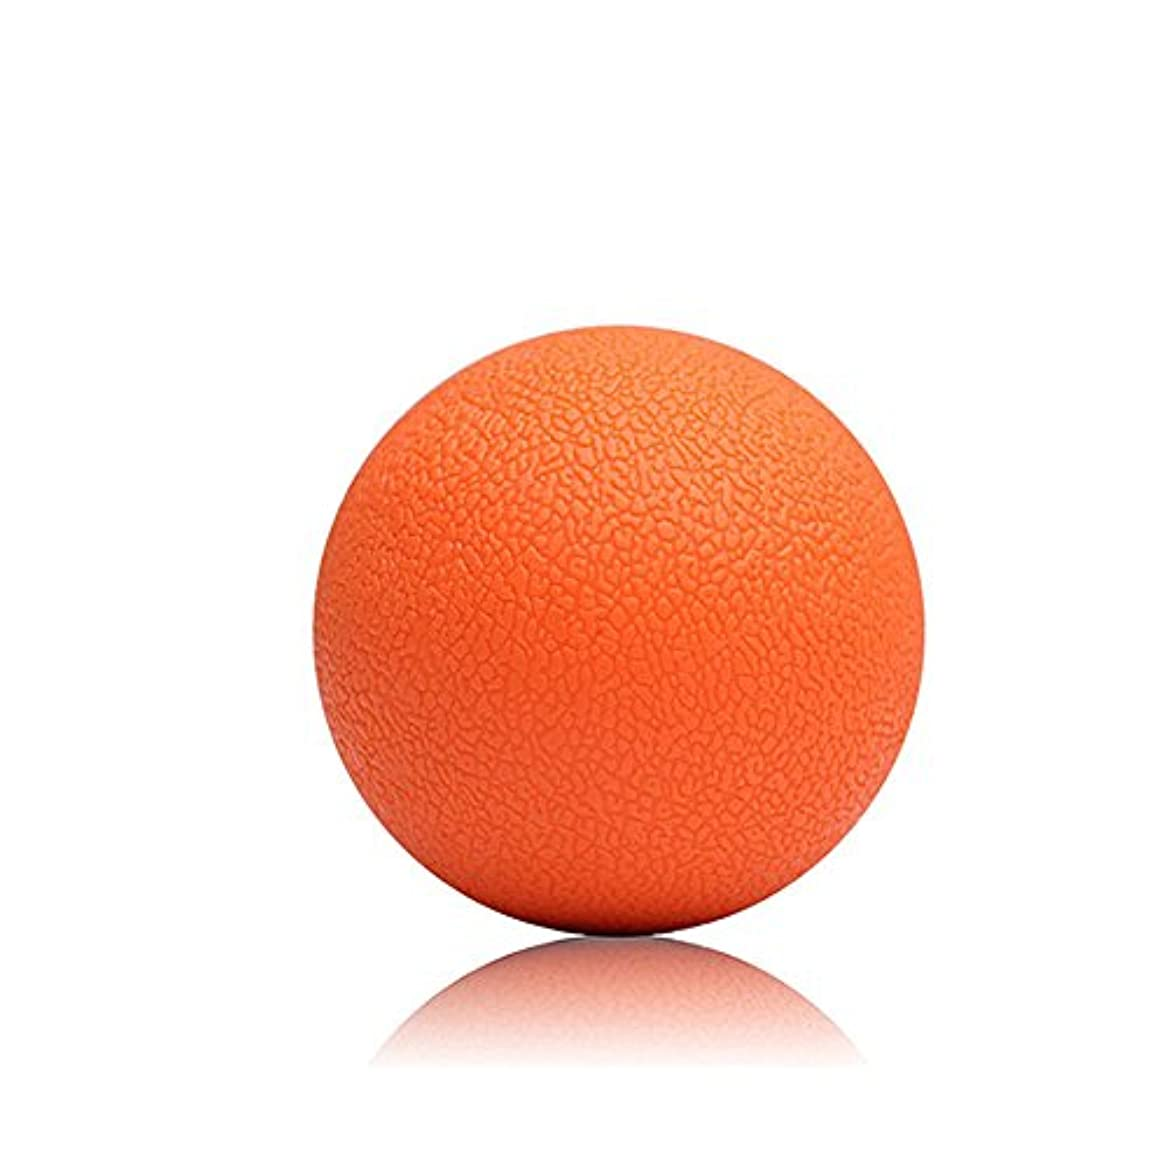 ブロックエイズタイプライターマッサージボール 筋膜リリース 指圧ボール 足裏 ふくらはぎ ツボ押しグッズ 健康グッズ